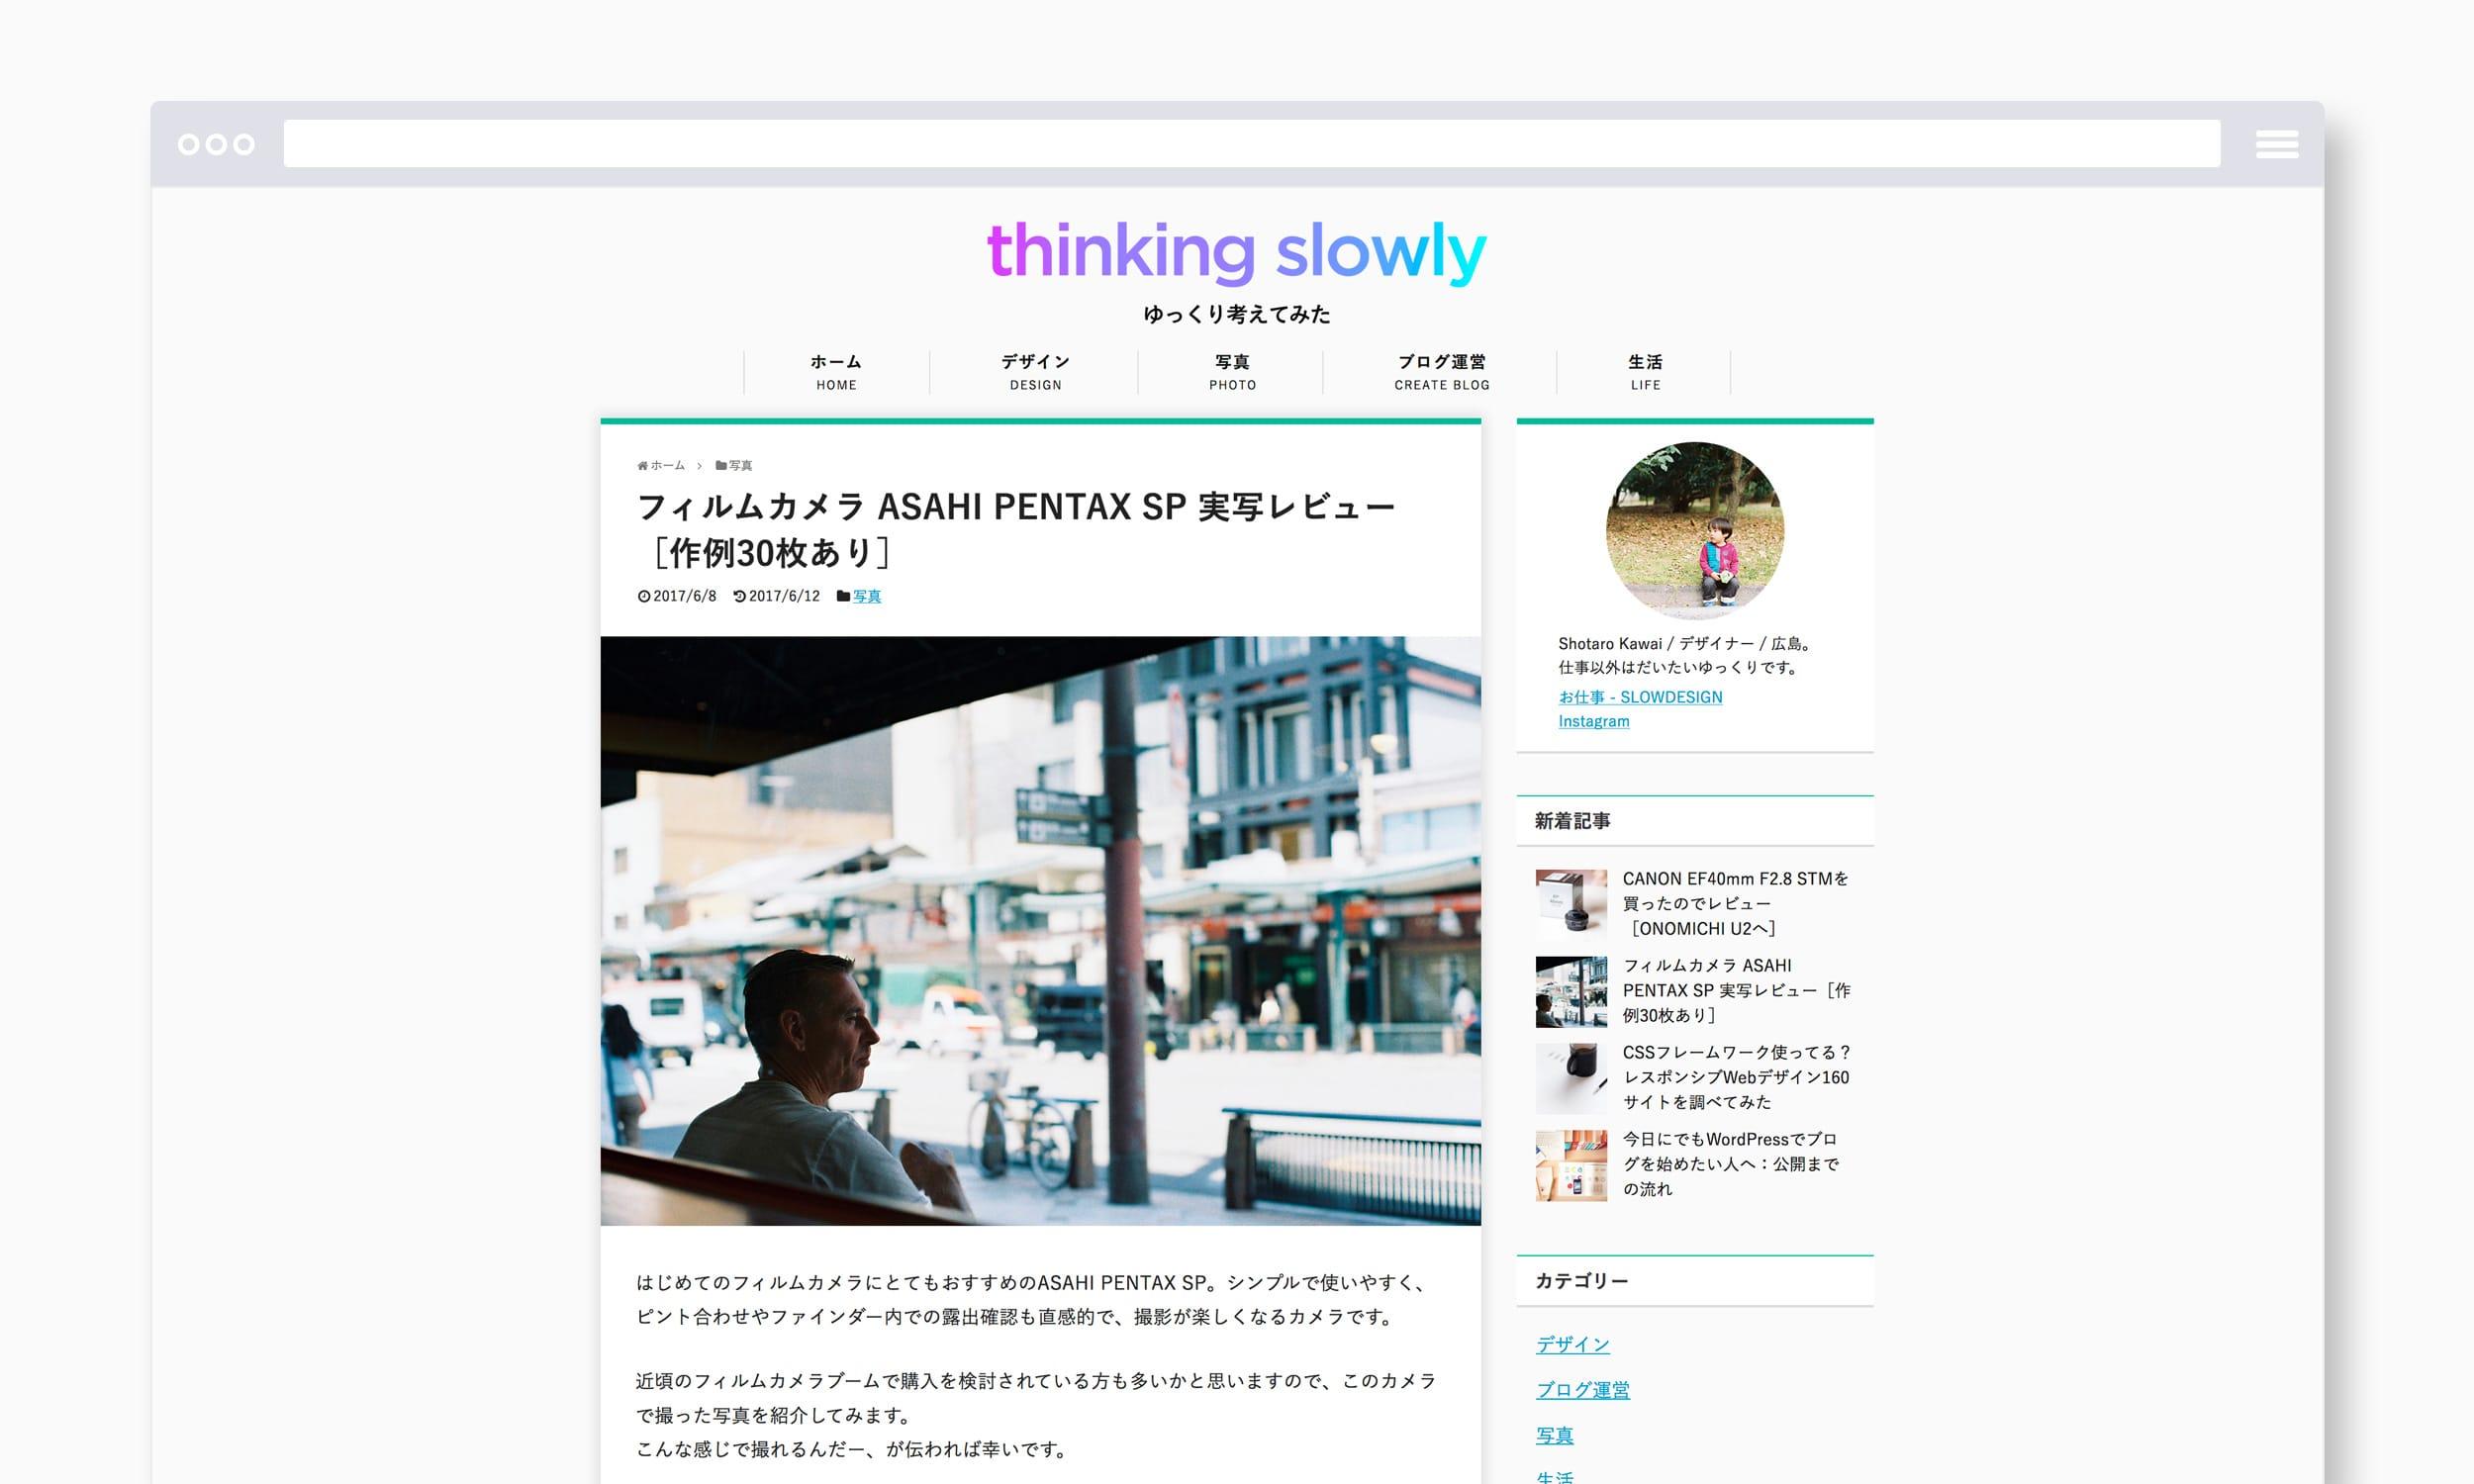 thinking slowly